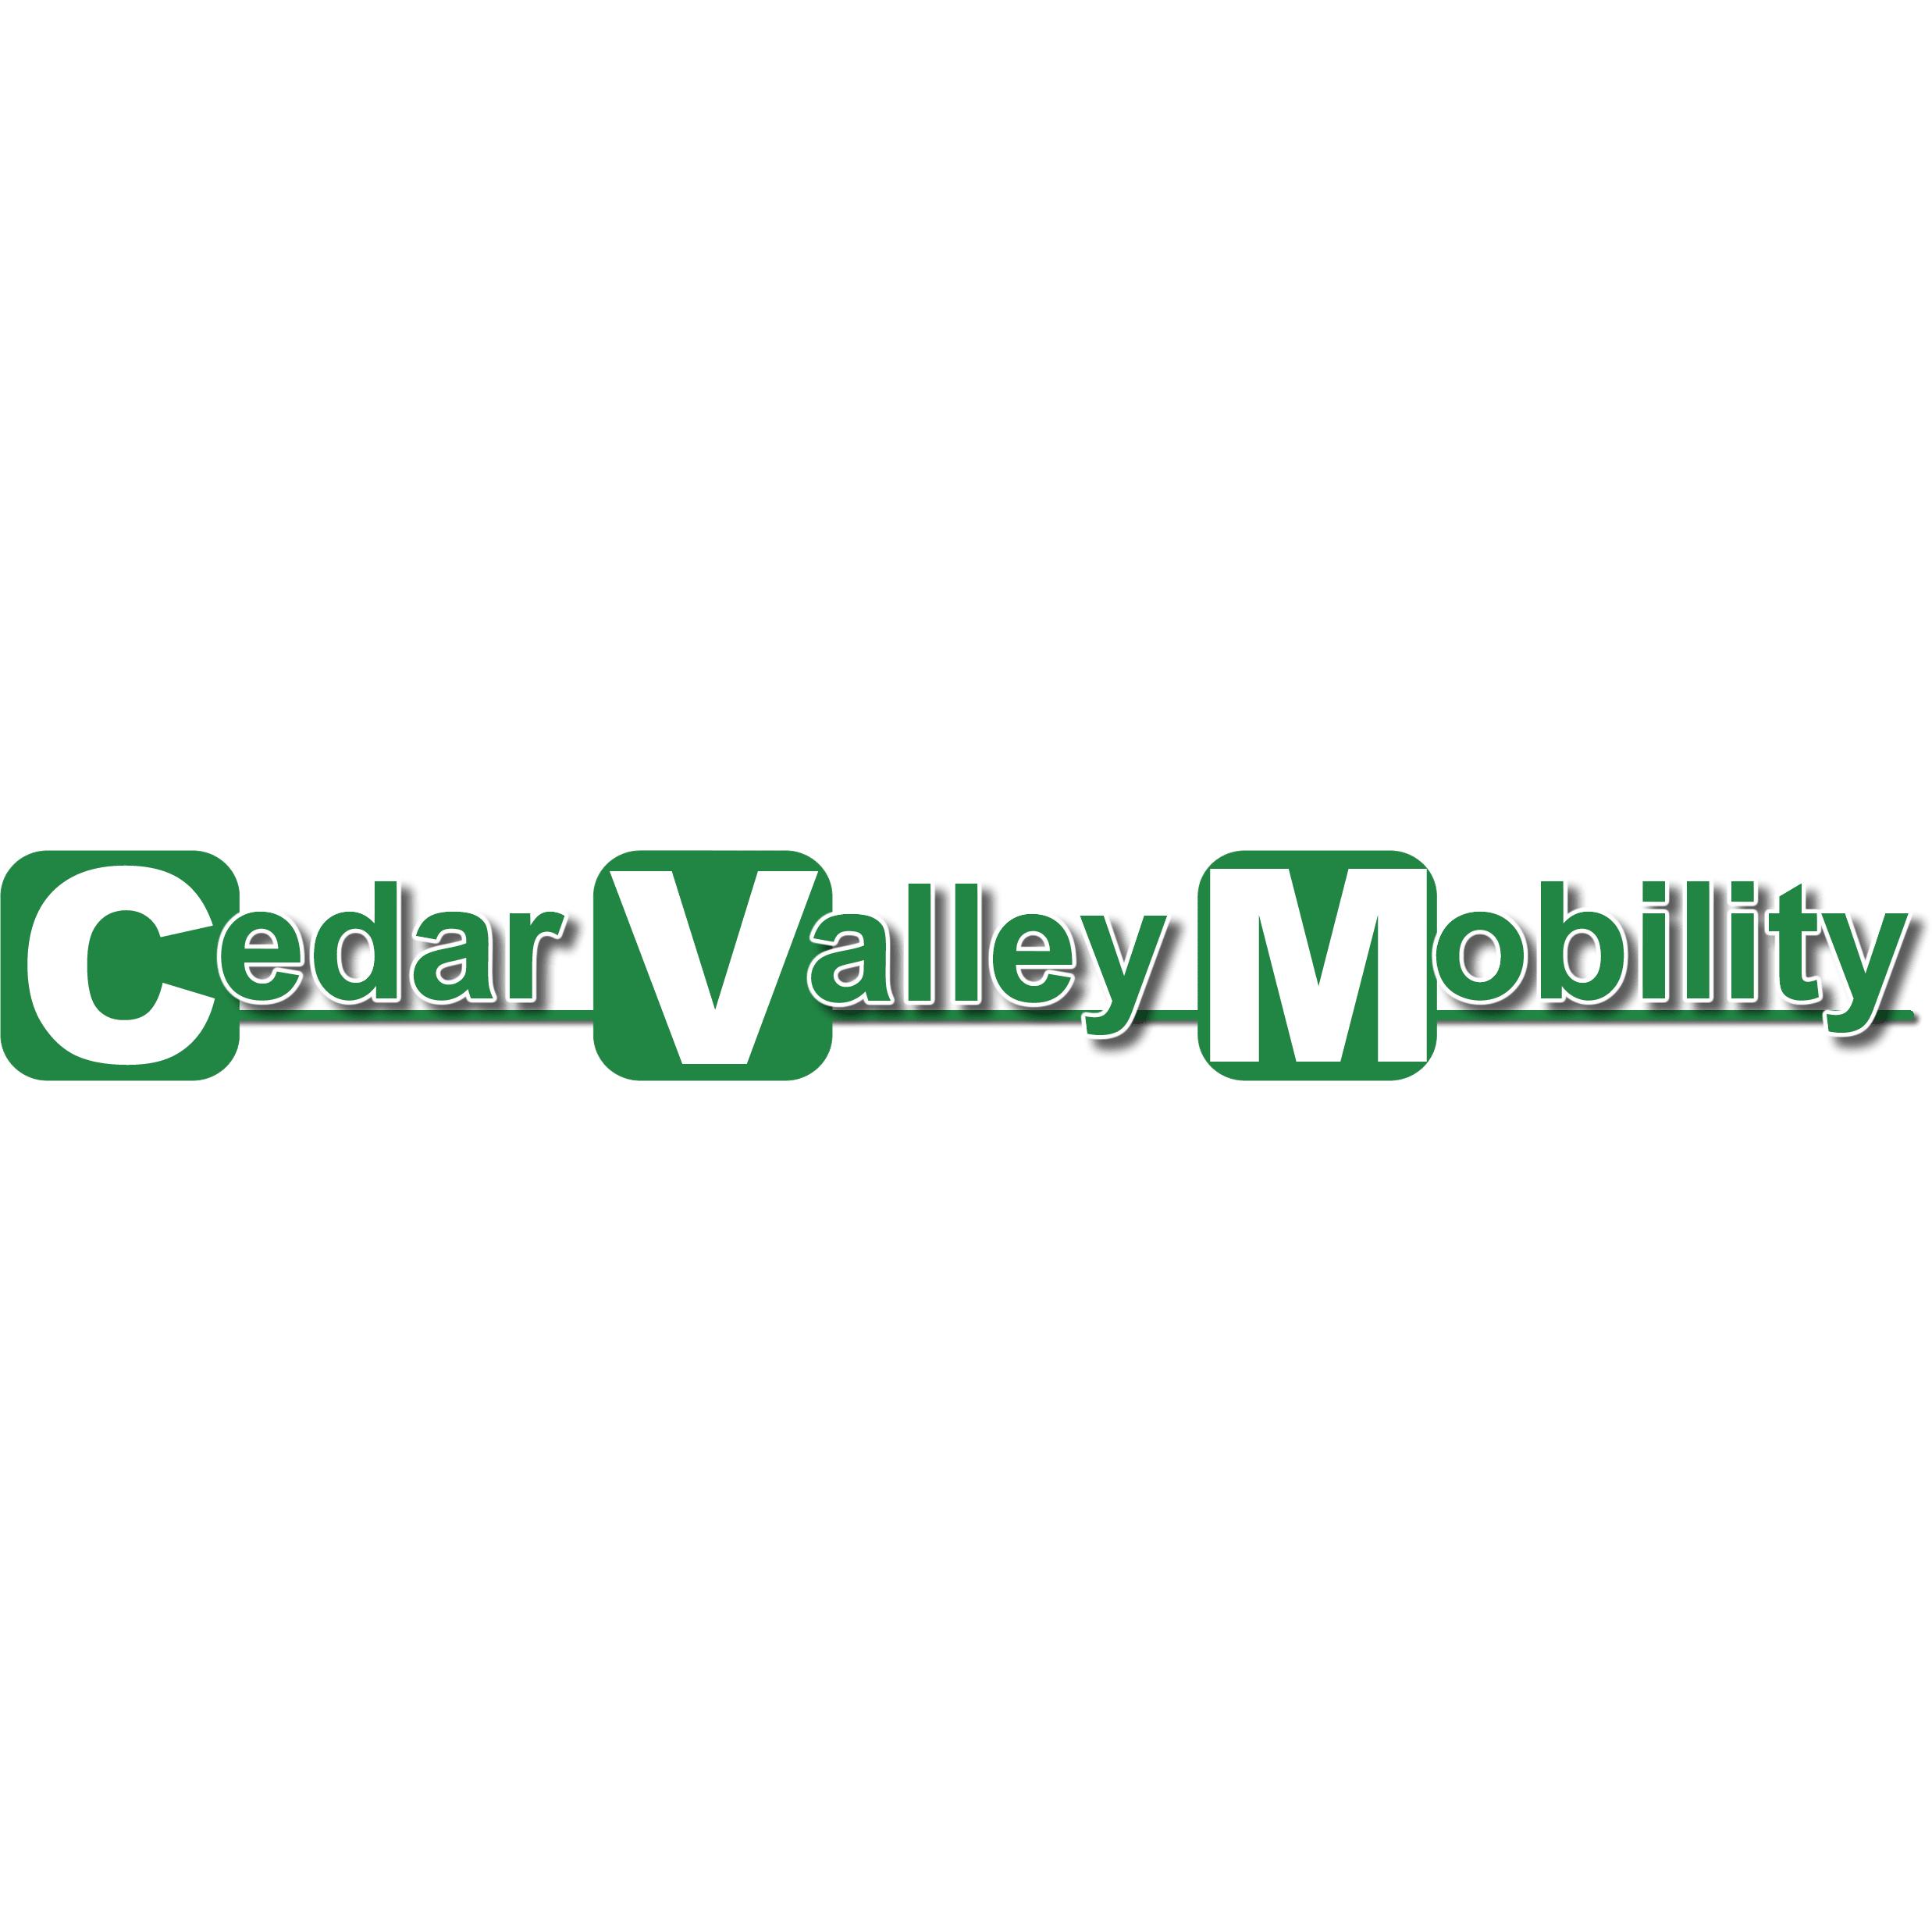 Cedar Valley Mobility